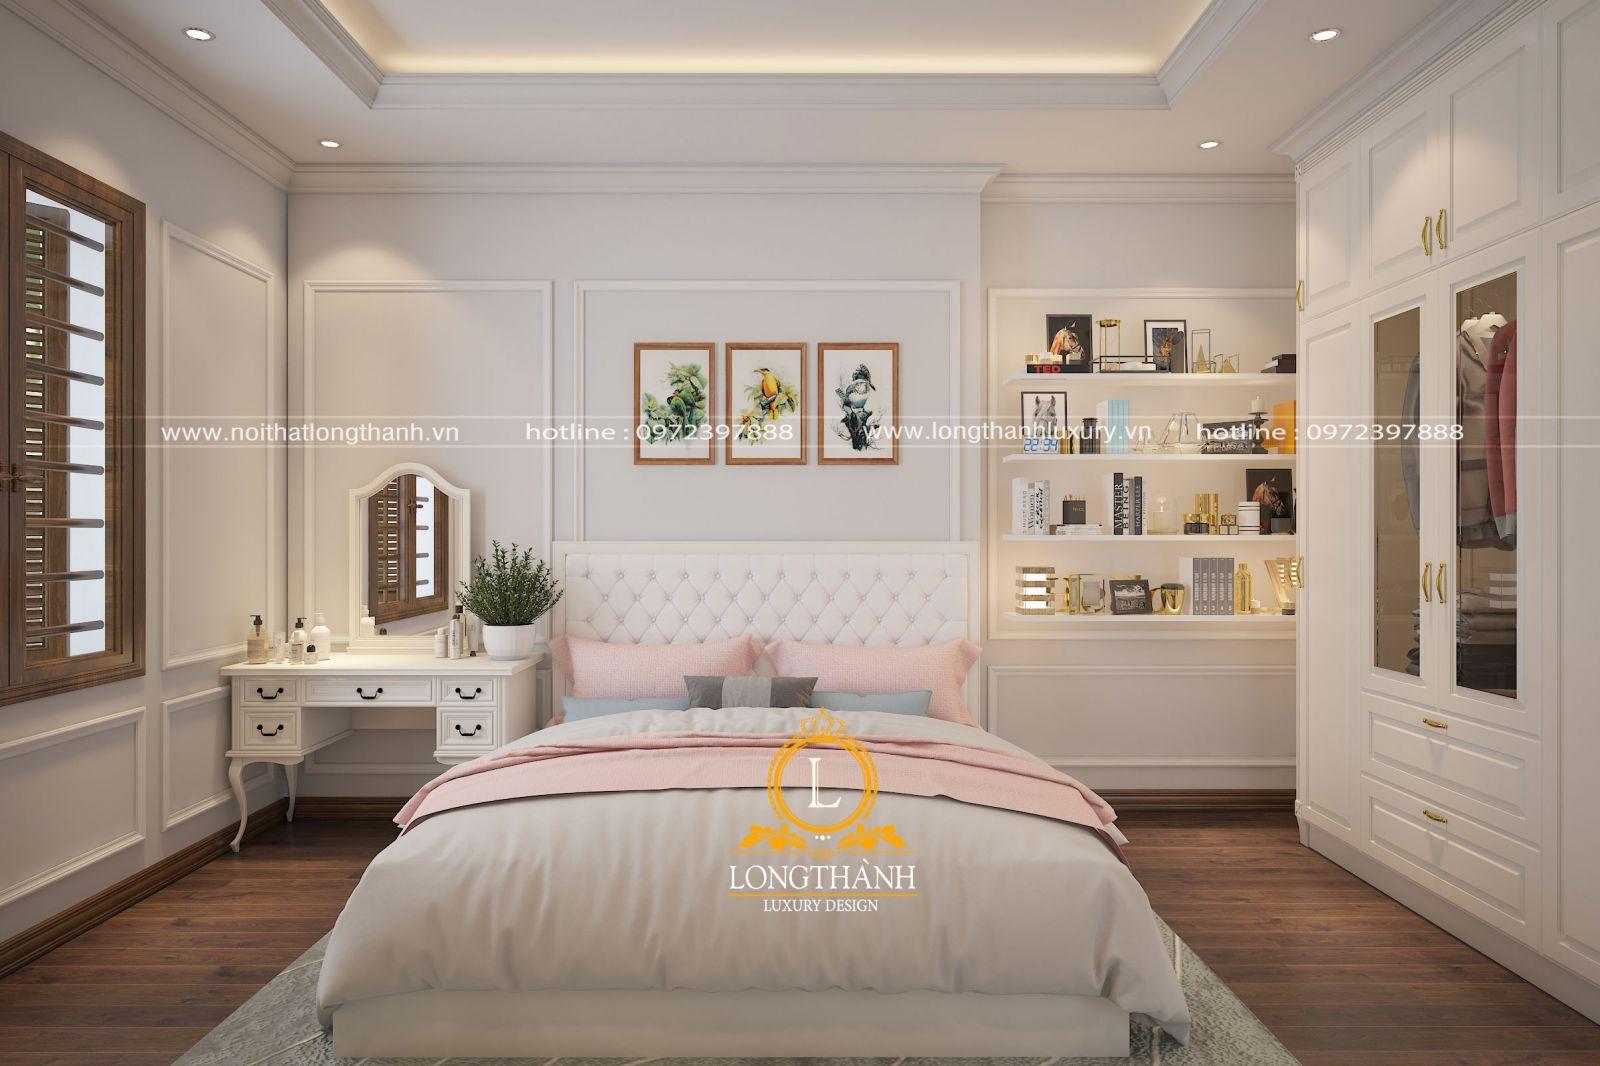 Phòng ngủ Verneer gỗ Sồi màu trắng dành cho các cô gái